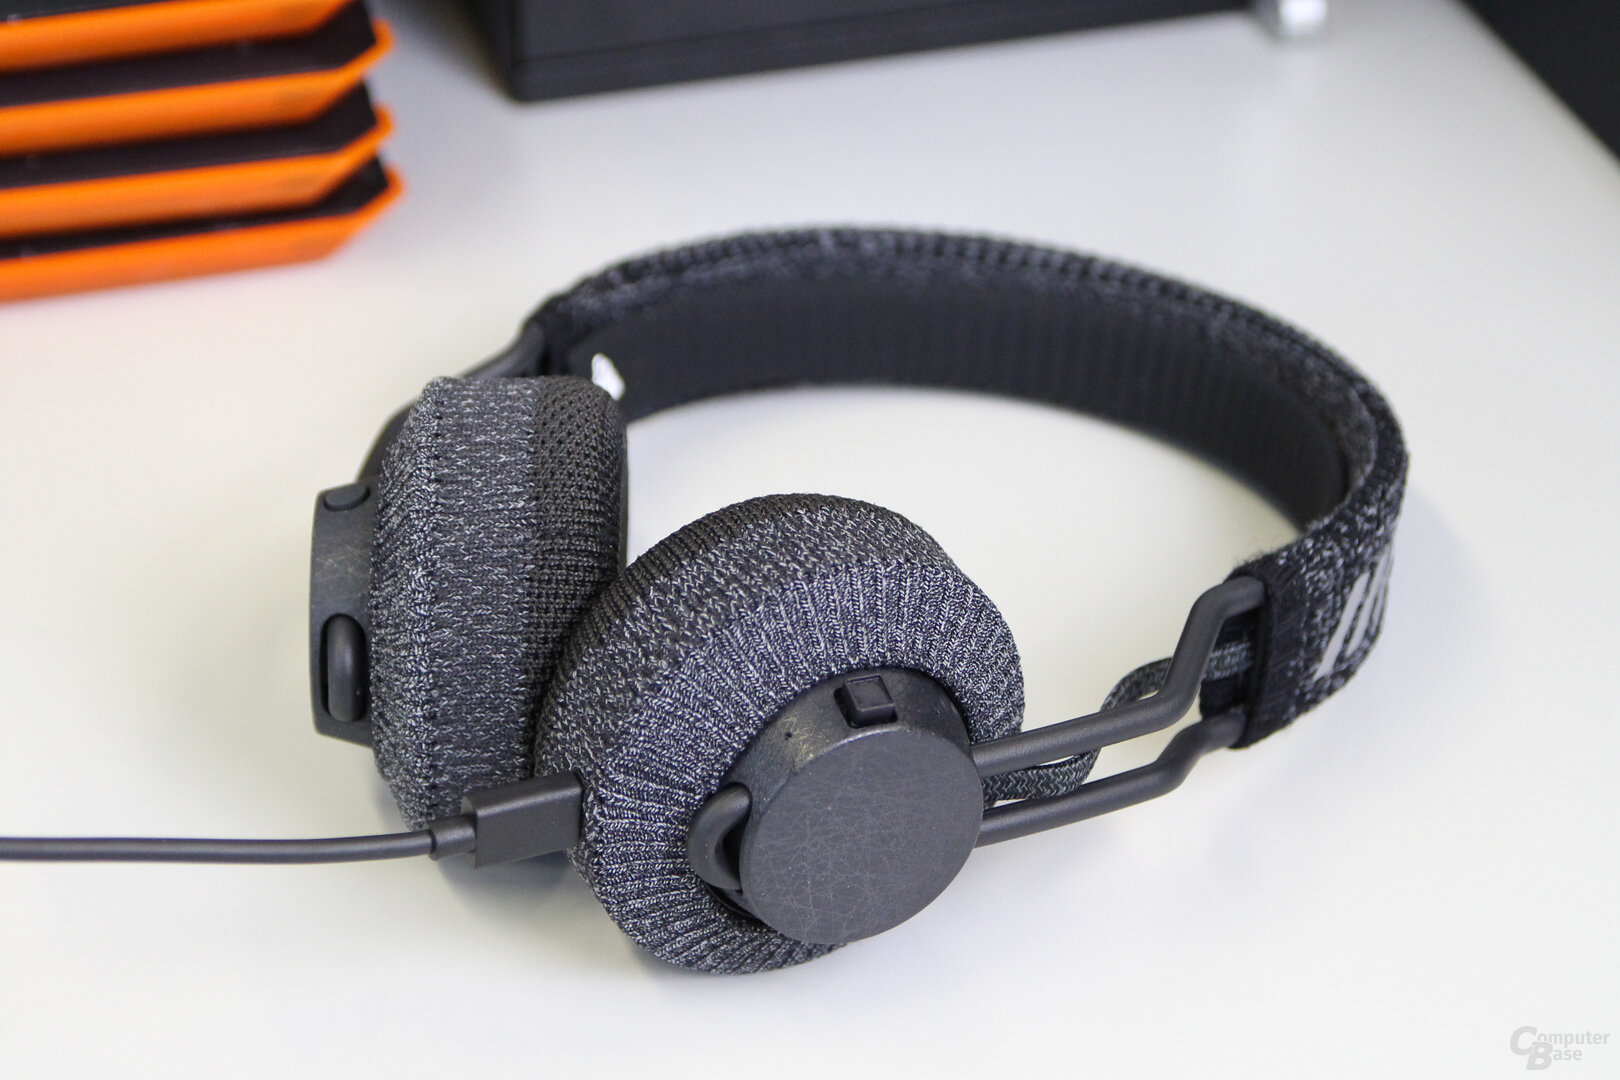 Adidas RPT-01: Aufladen über USB C